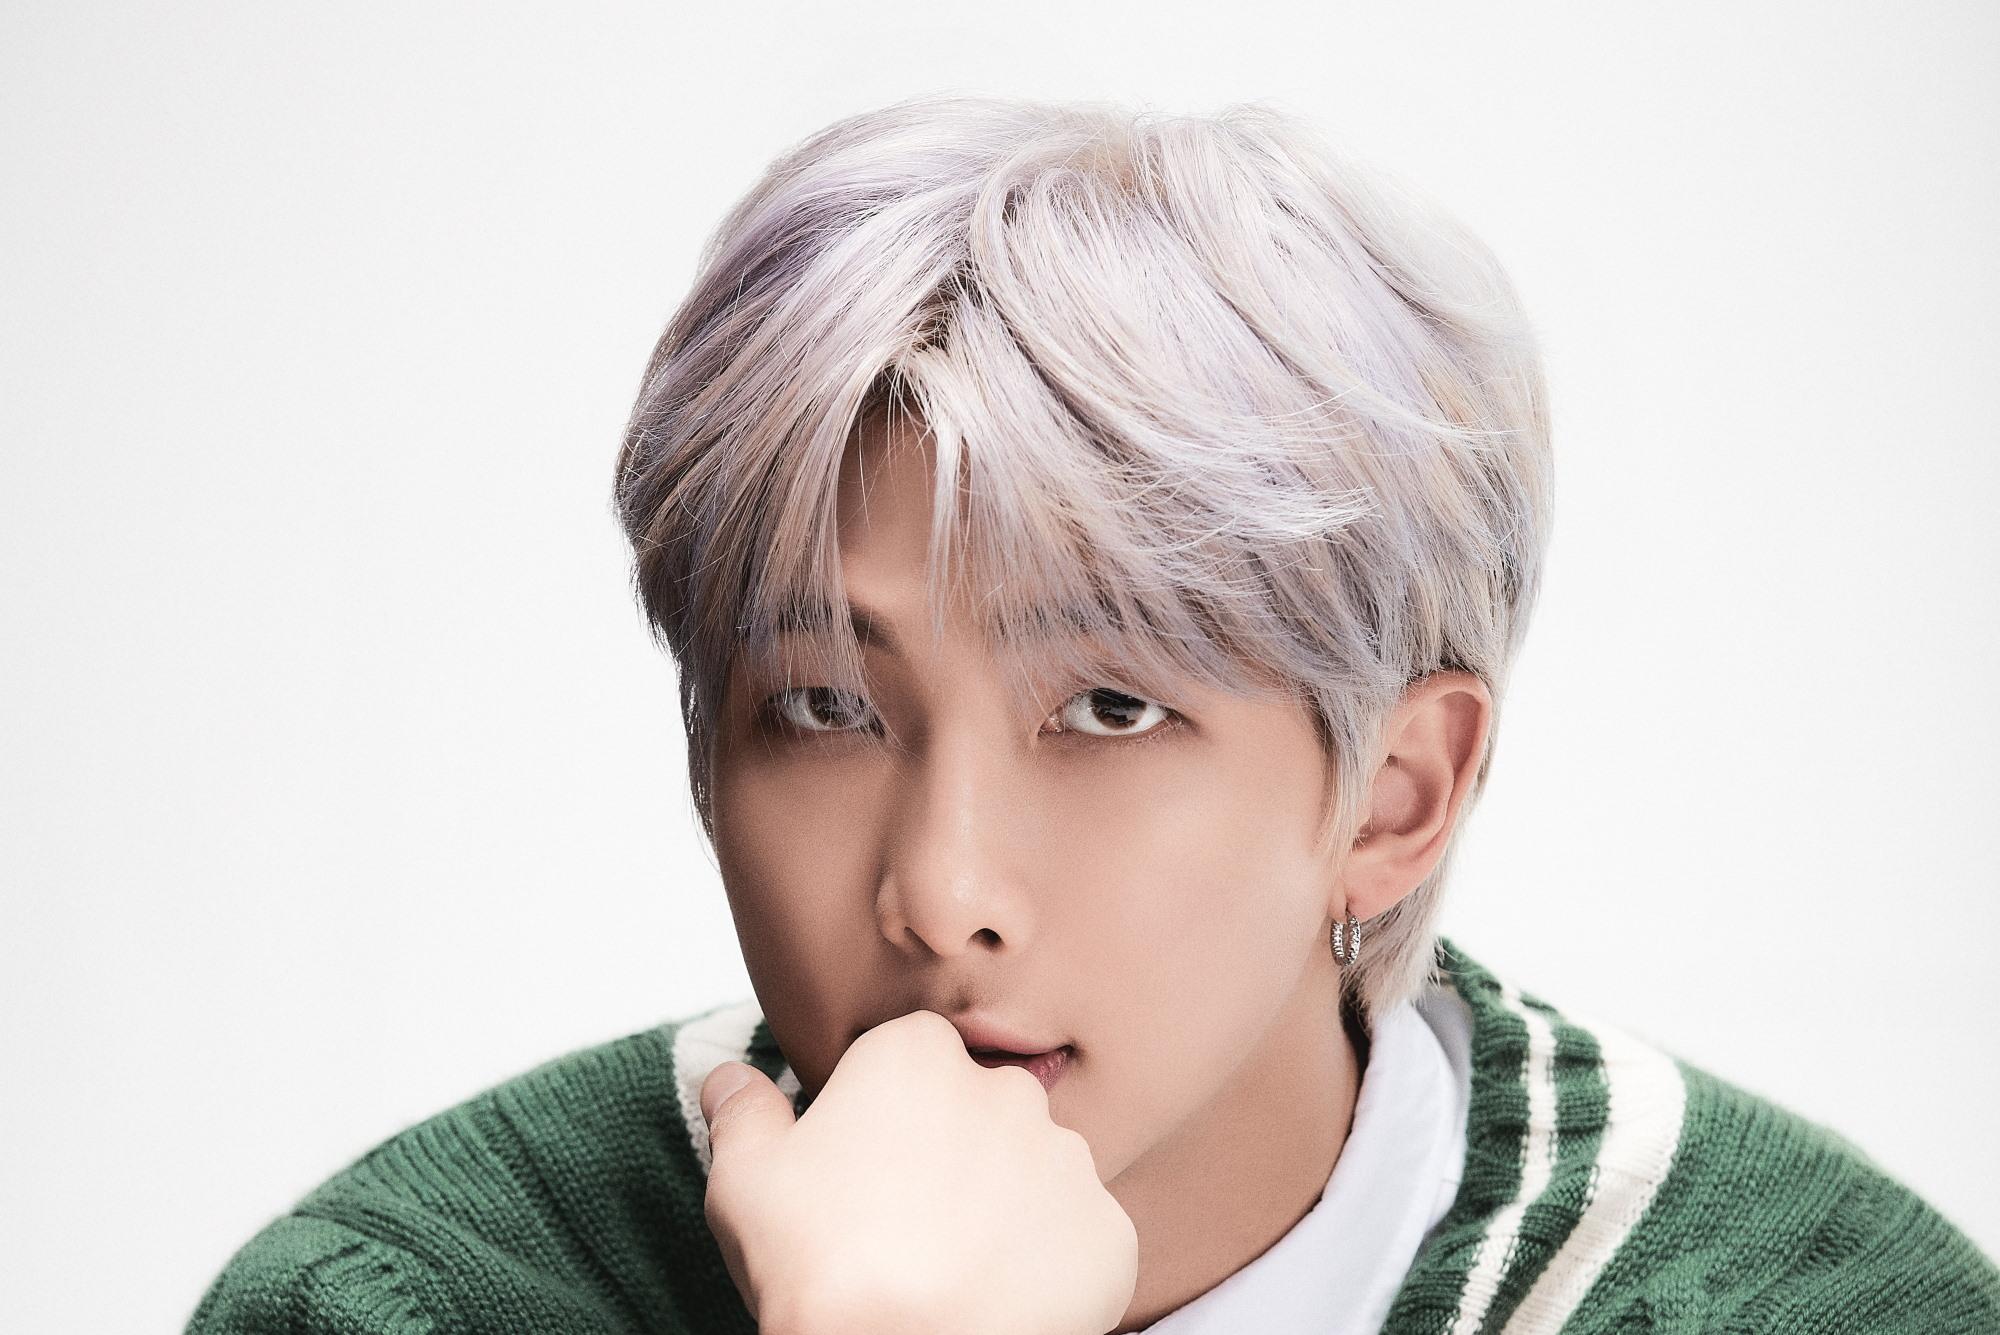 BTS RM Profile